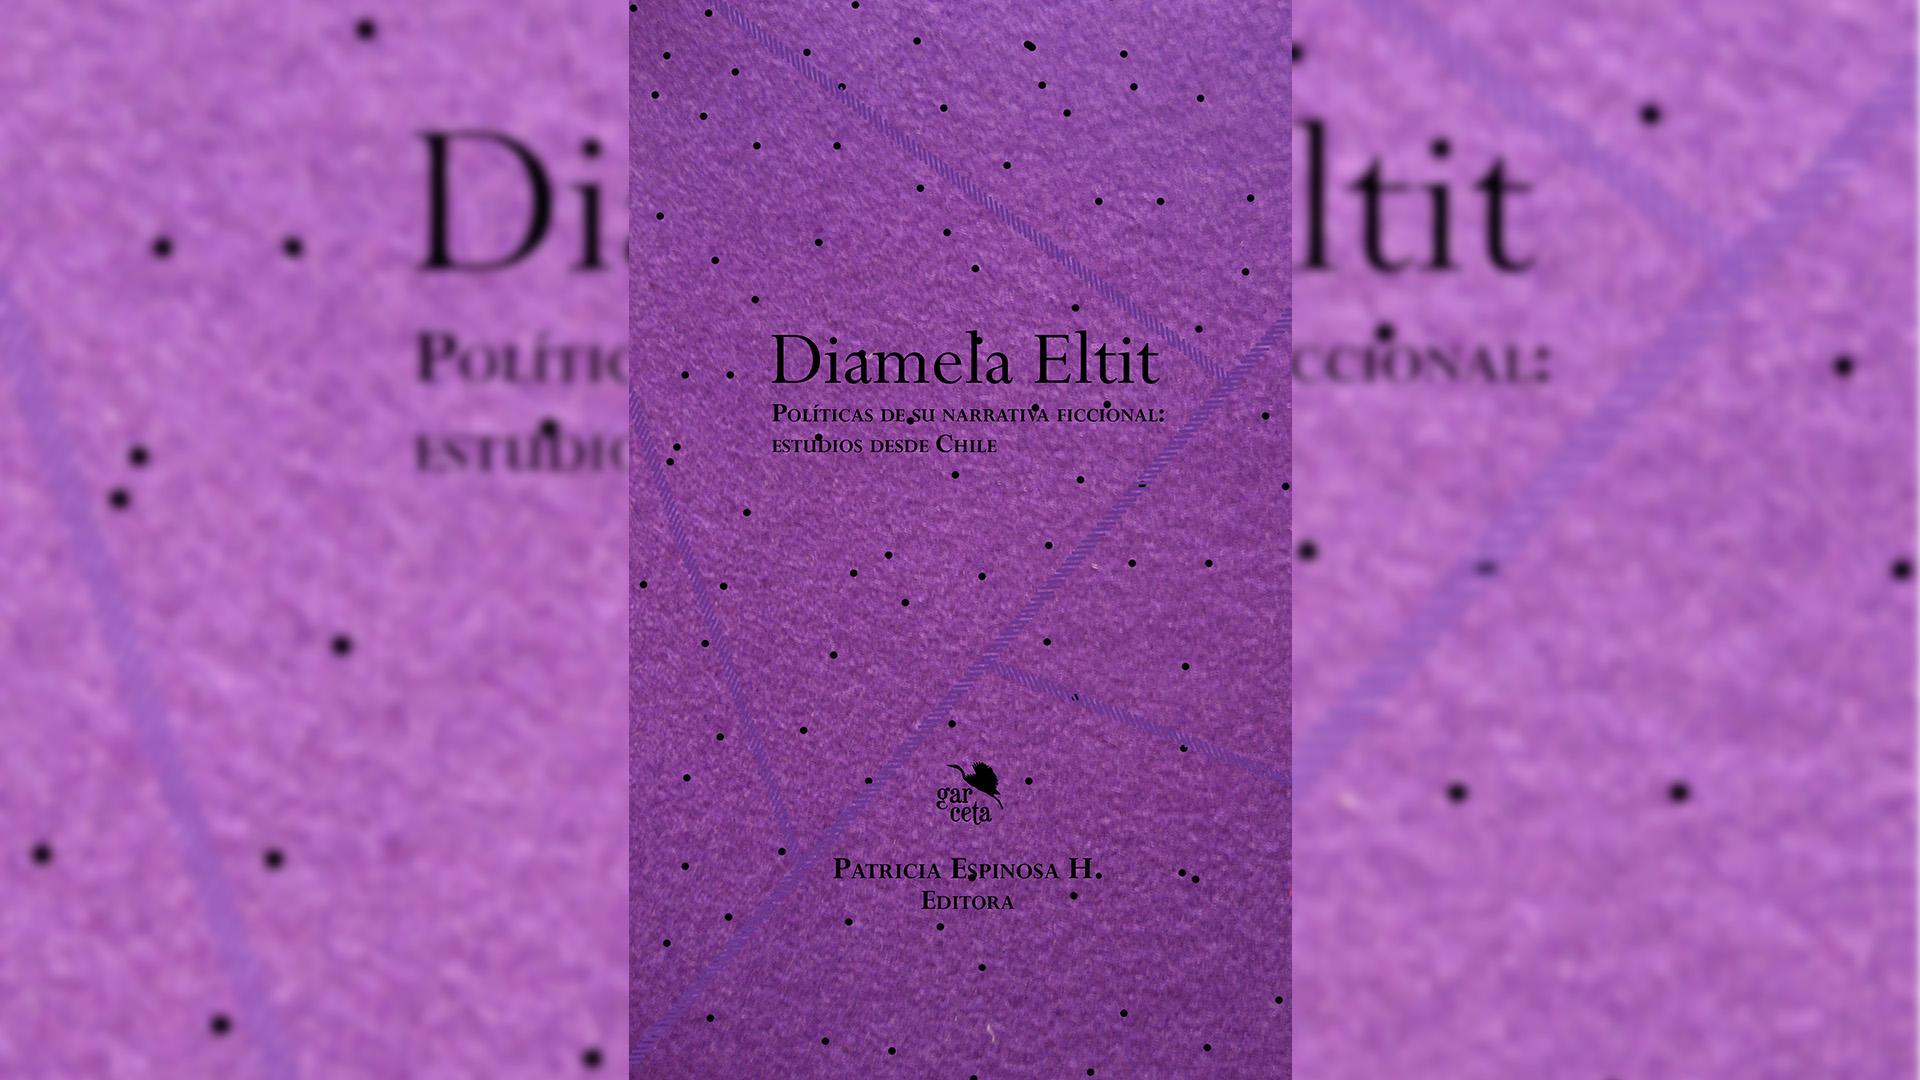 El libro que reúne ensayos sobre la obra de Eltit